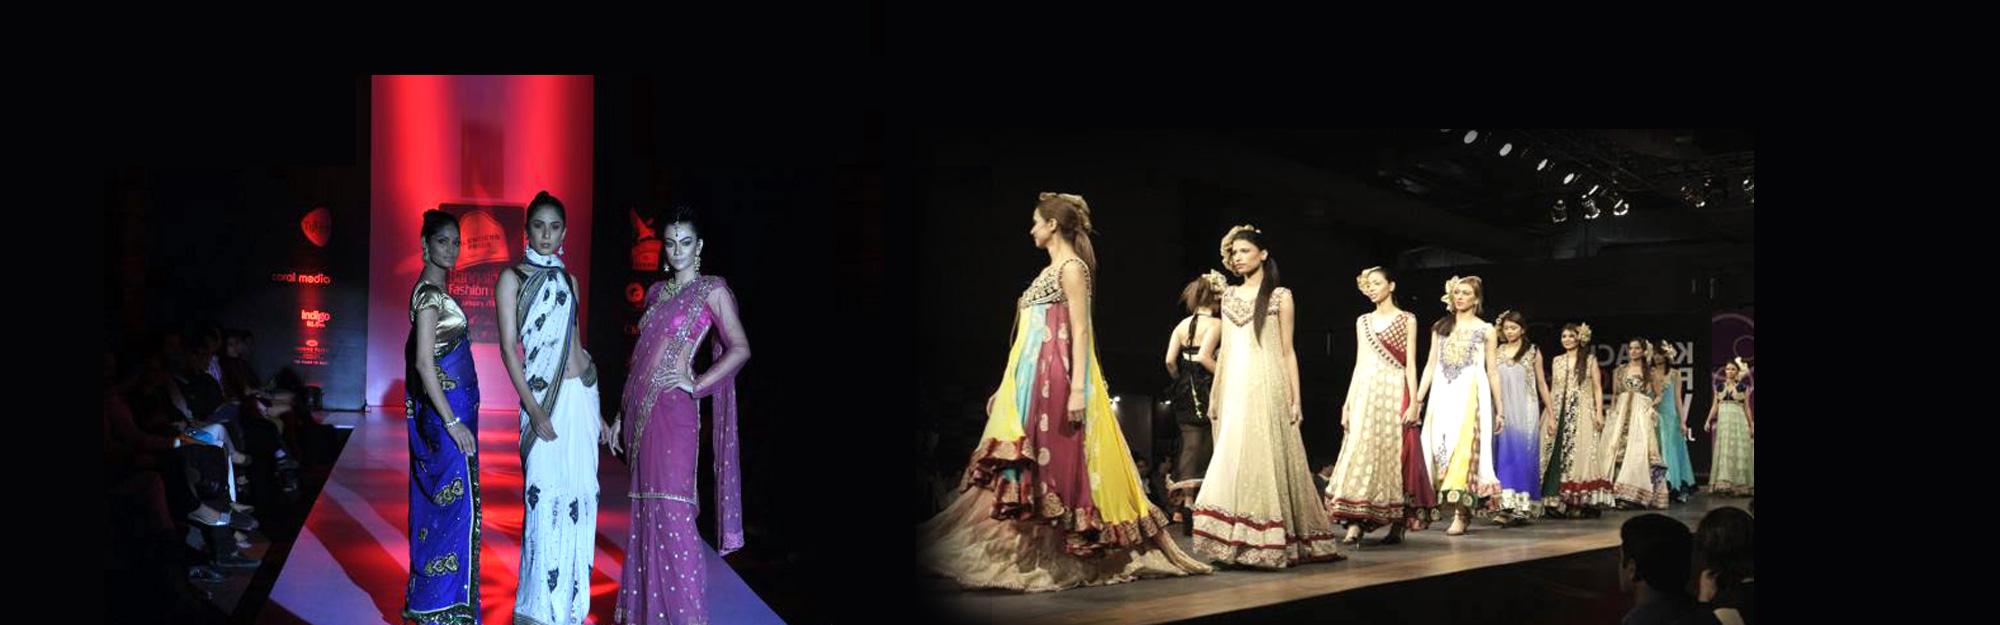 Gorgeous palace of Indian ethnic fashion